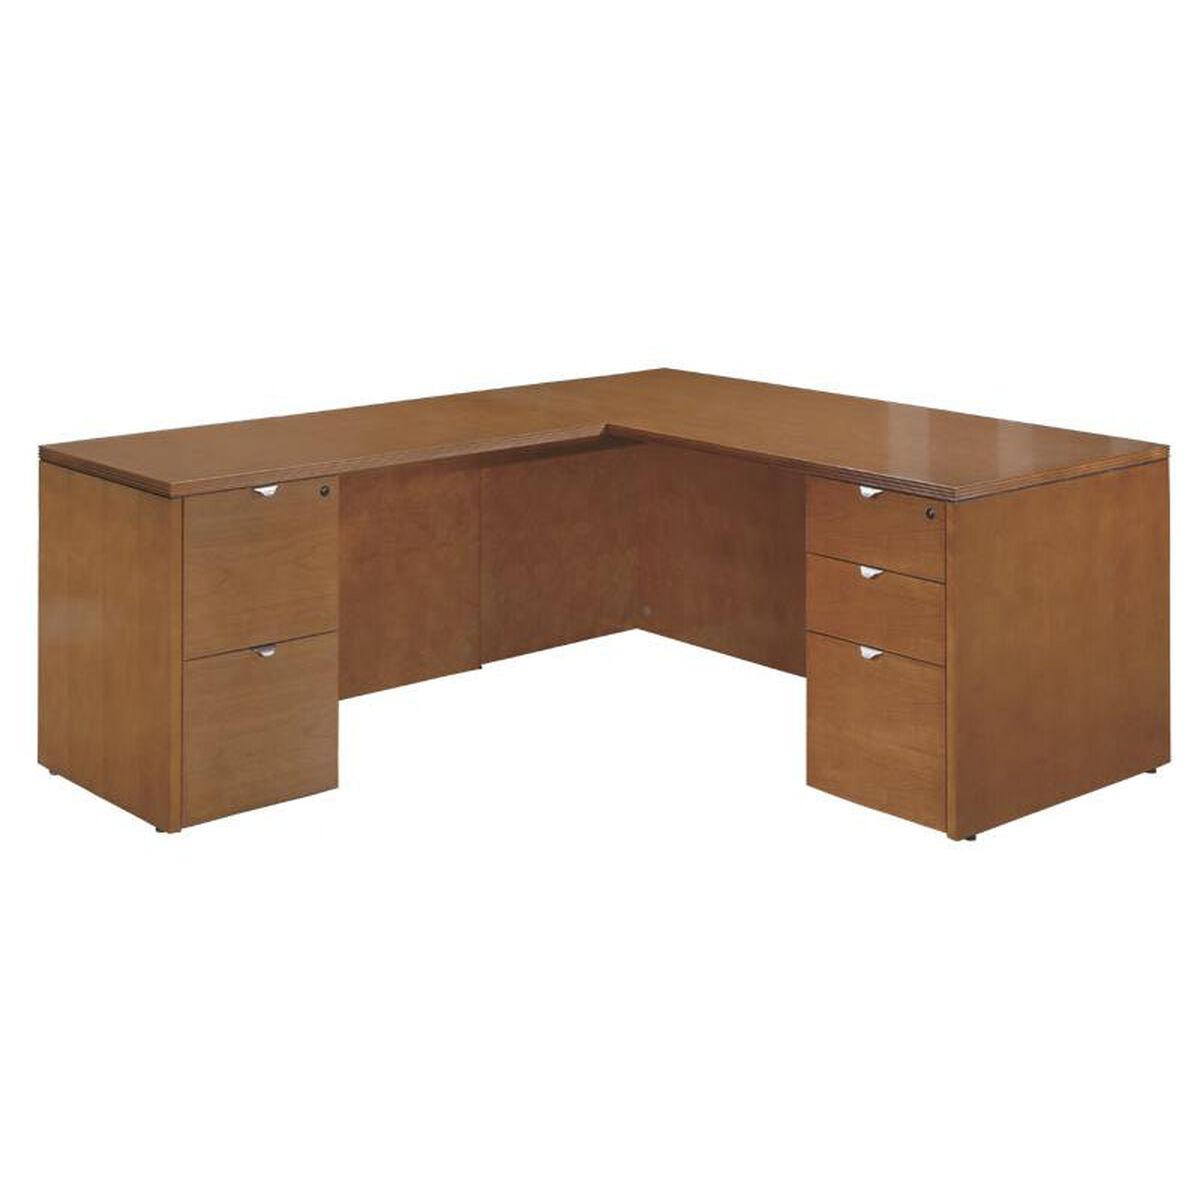 Our Osp Furniture Kenwood Hardwood Veneer 66 L Shaped Desk With Curved Metal